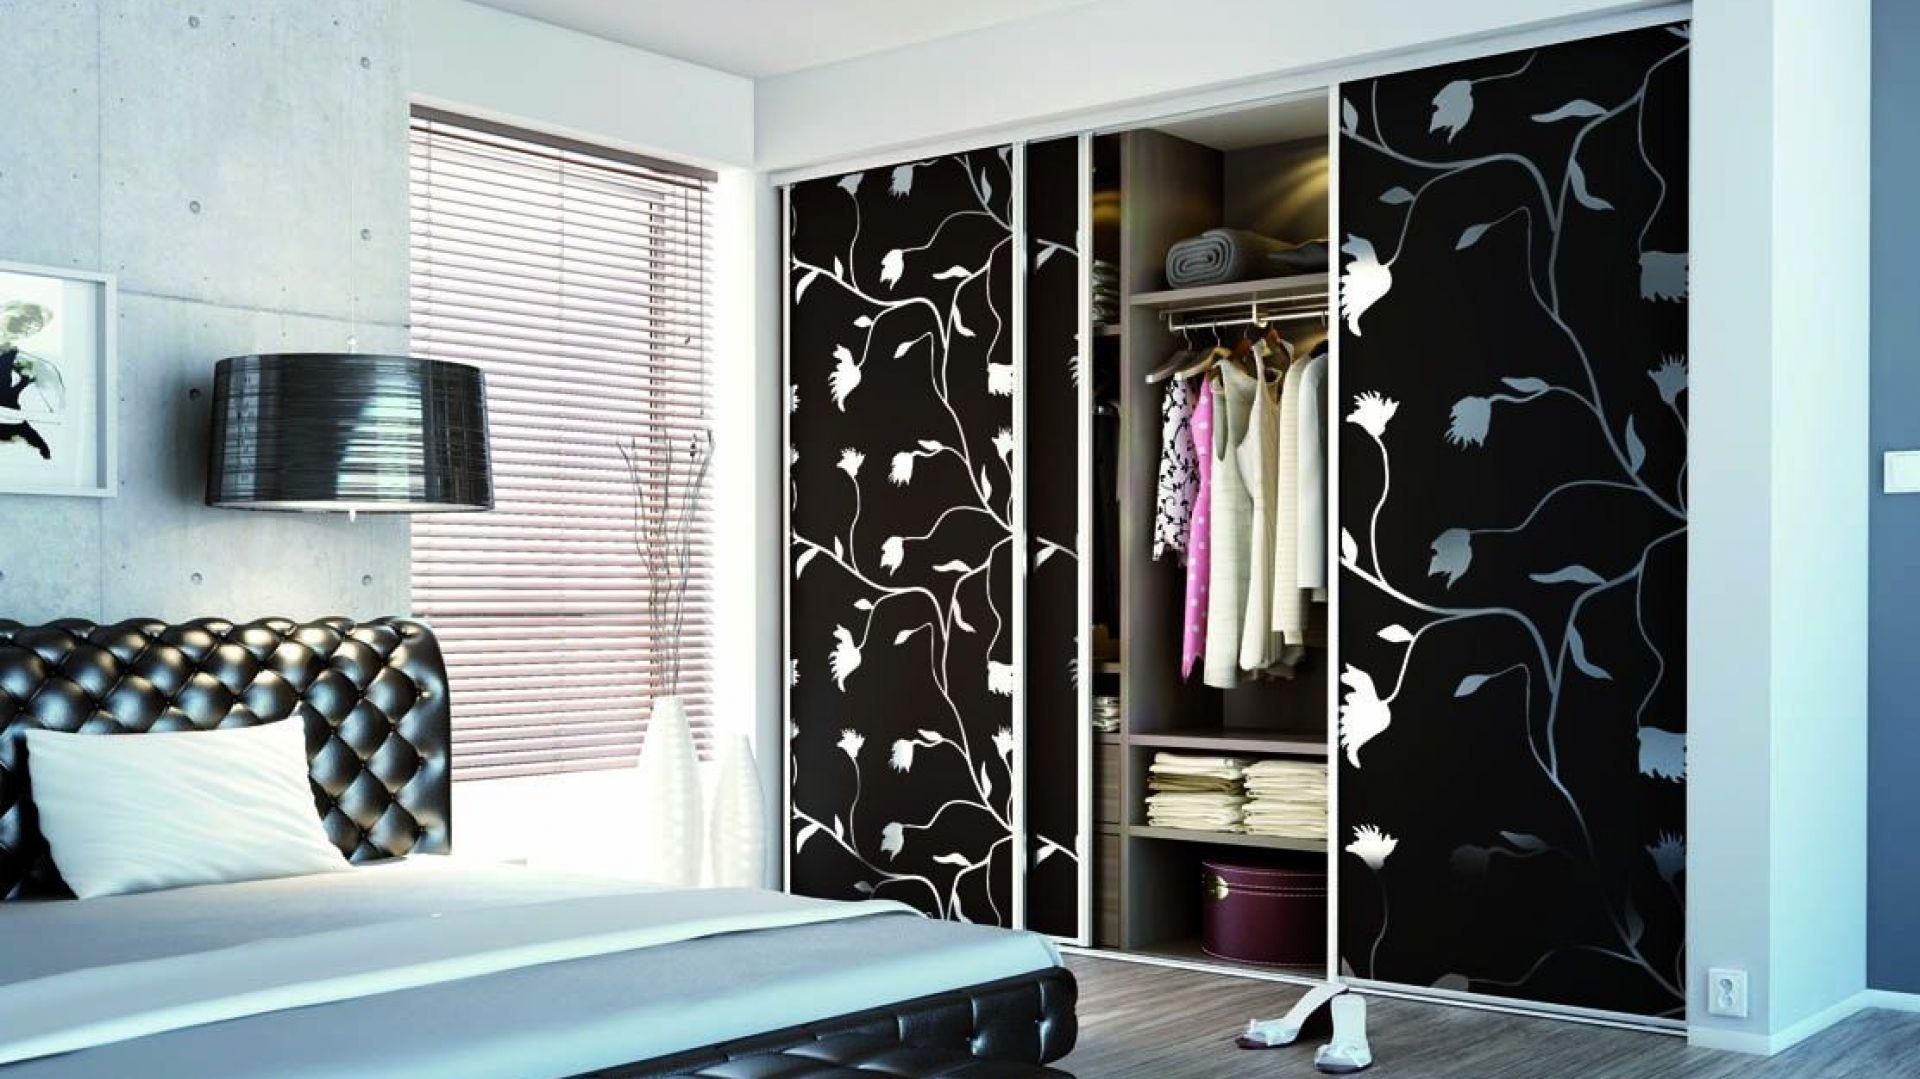 Na drzwiach szafy można zastosować ciekawe nadruki. Fot. Sevroll